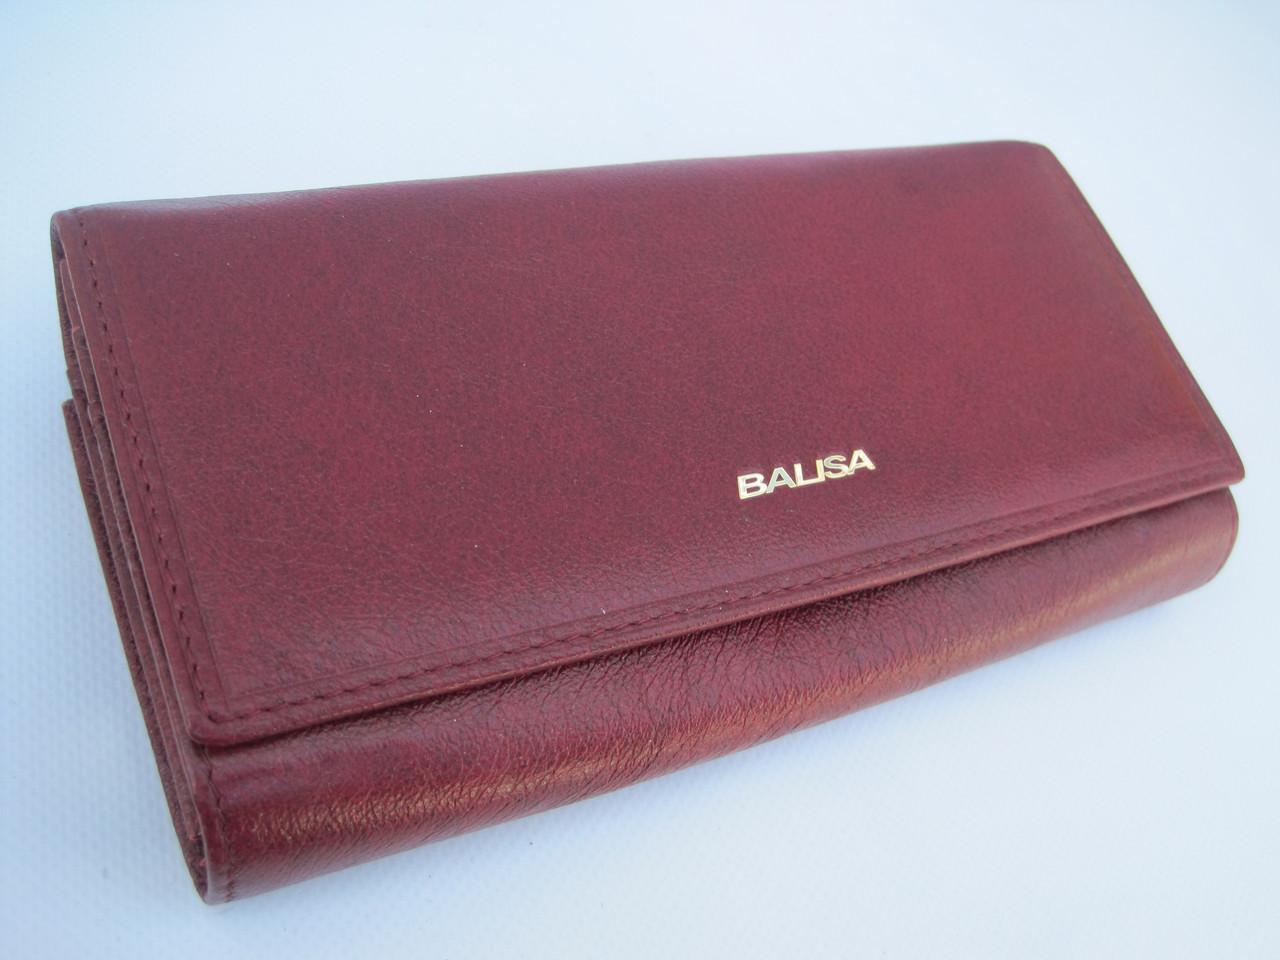 Женский кожаный кошелек Balisa PY-G132 Purpleish Red купить дешево кожаные женские кошельки BALISA